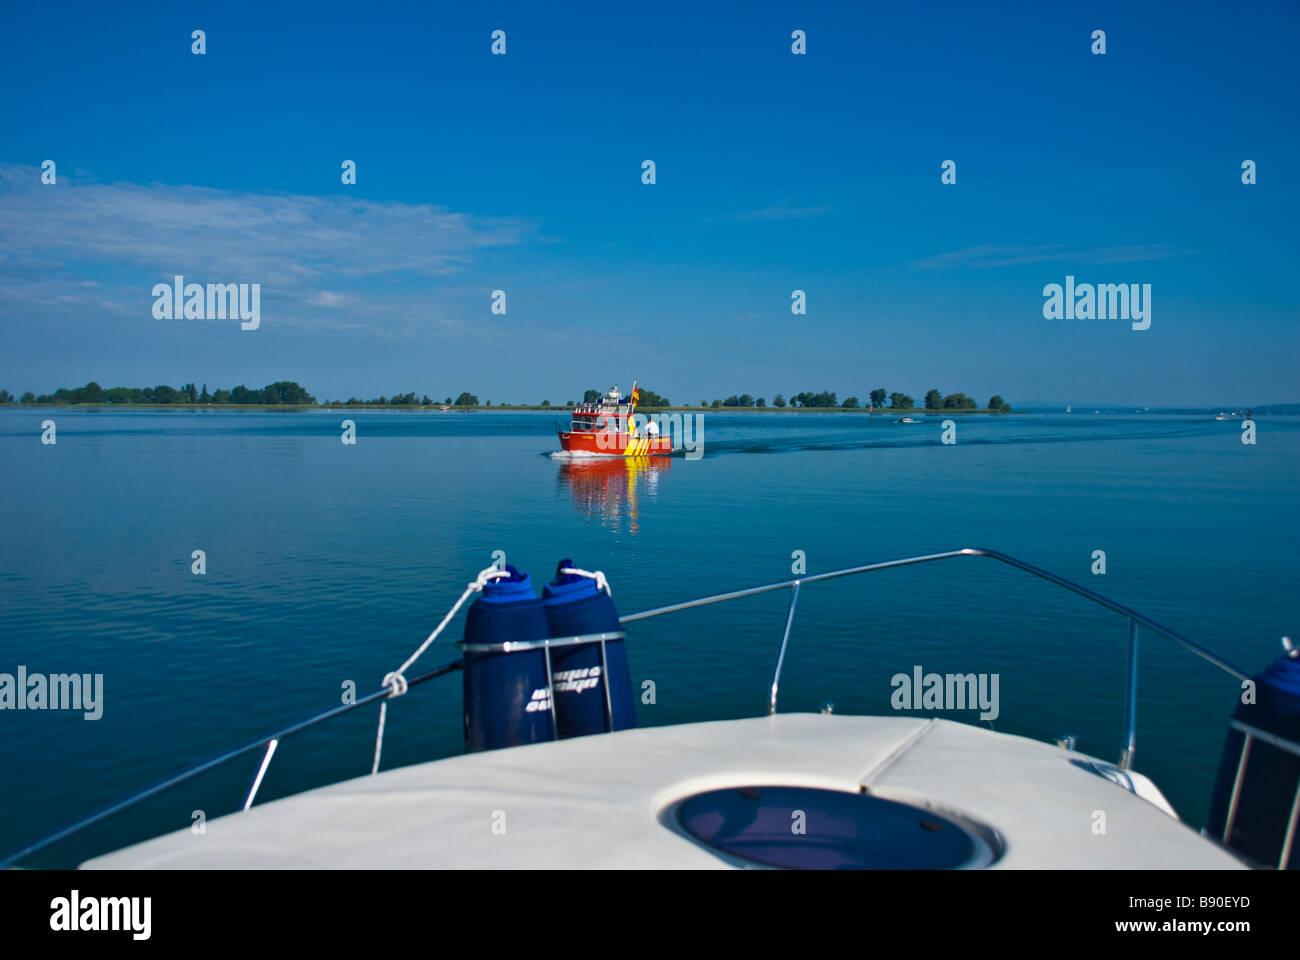 Bogen des ein Motorboot auf dem Bodensee mit Blick auf Alp-Panorama-Deutschland | Fehler Einer Motoryacht Auf Dem Stockbild